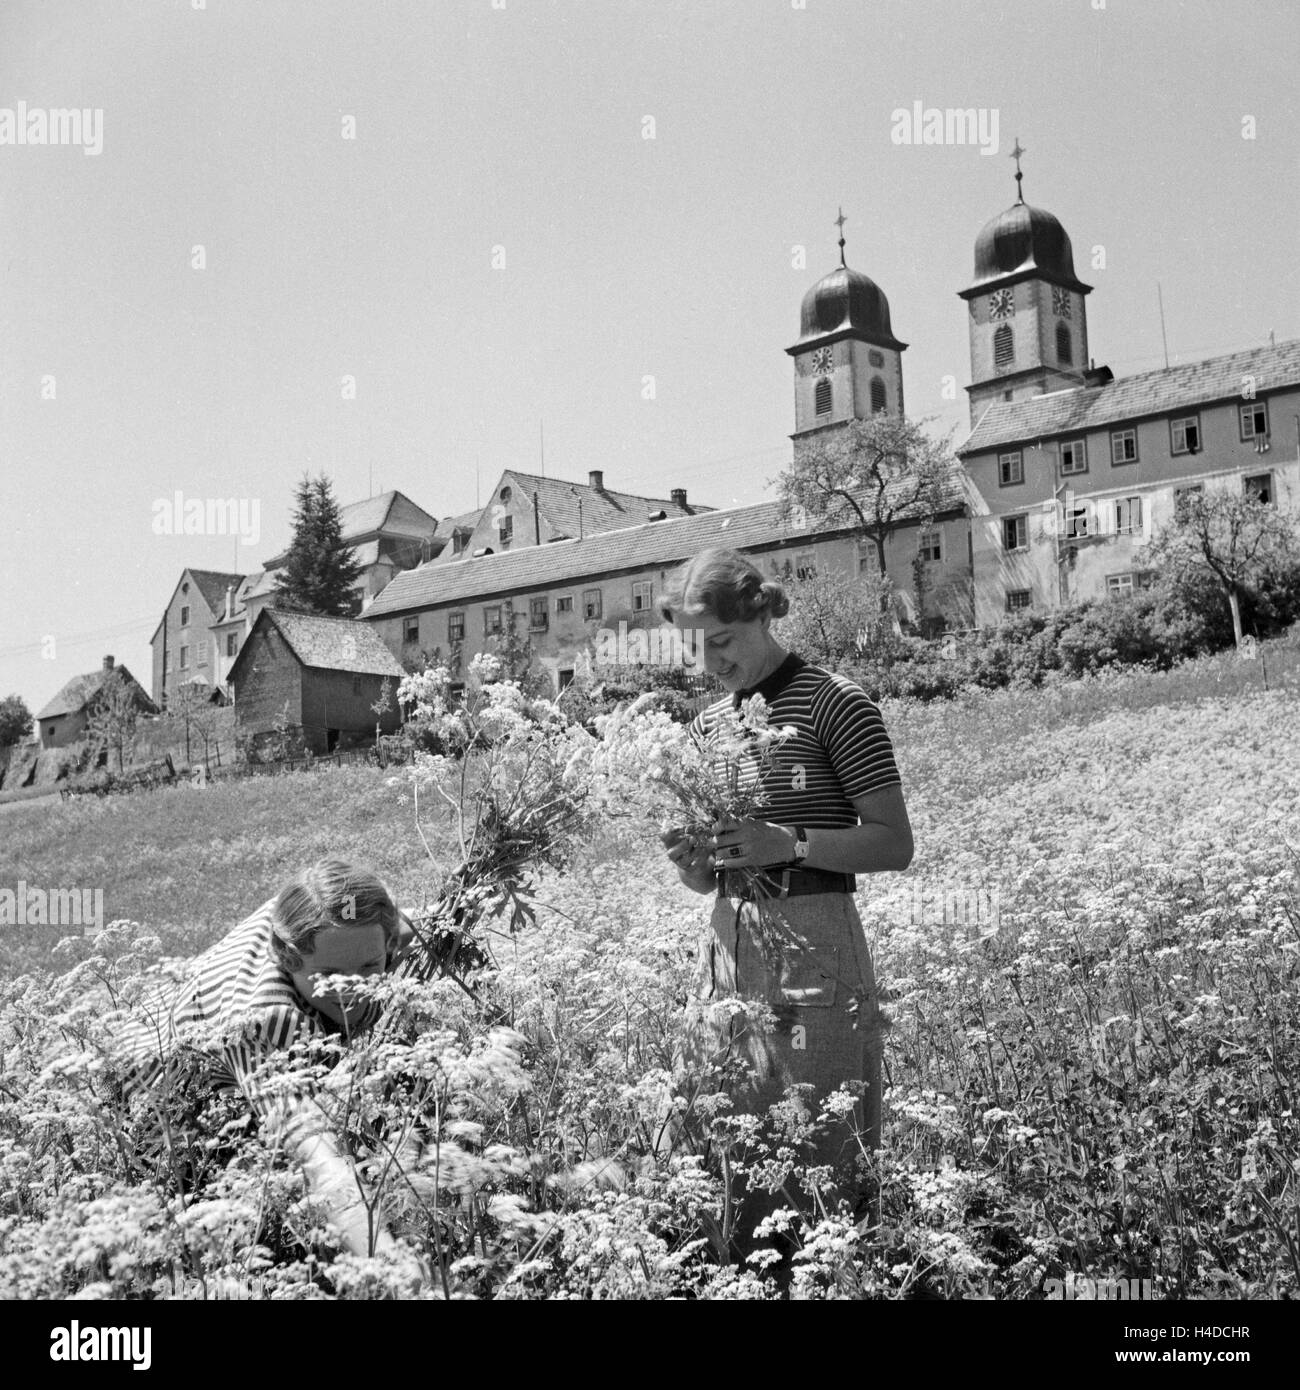 Kirche in St. Märgen Im Schwarzwald, Deutschland, 1930er Jahre. Kirche von St. Maergen im Schwarzwald, Deutschland Stockbild